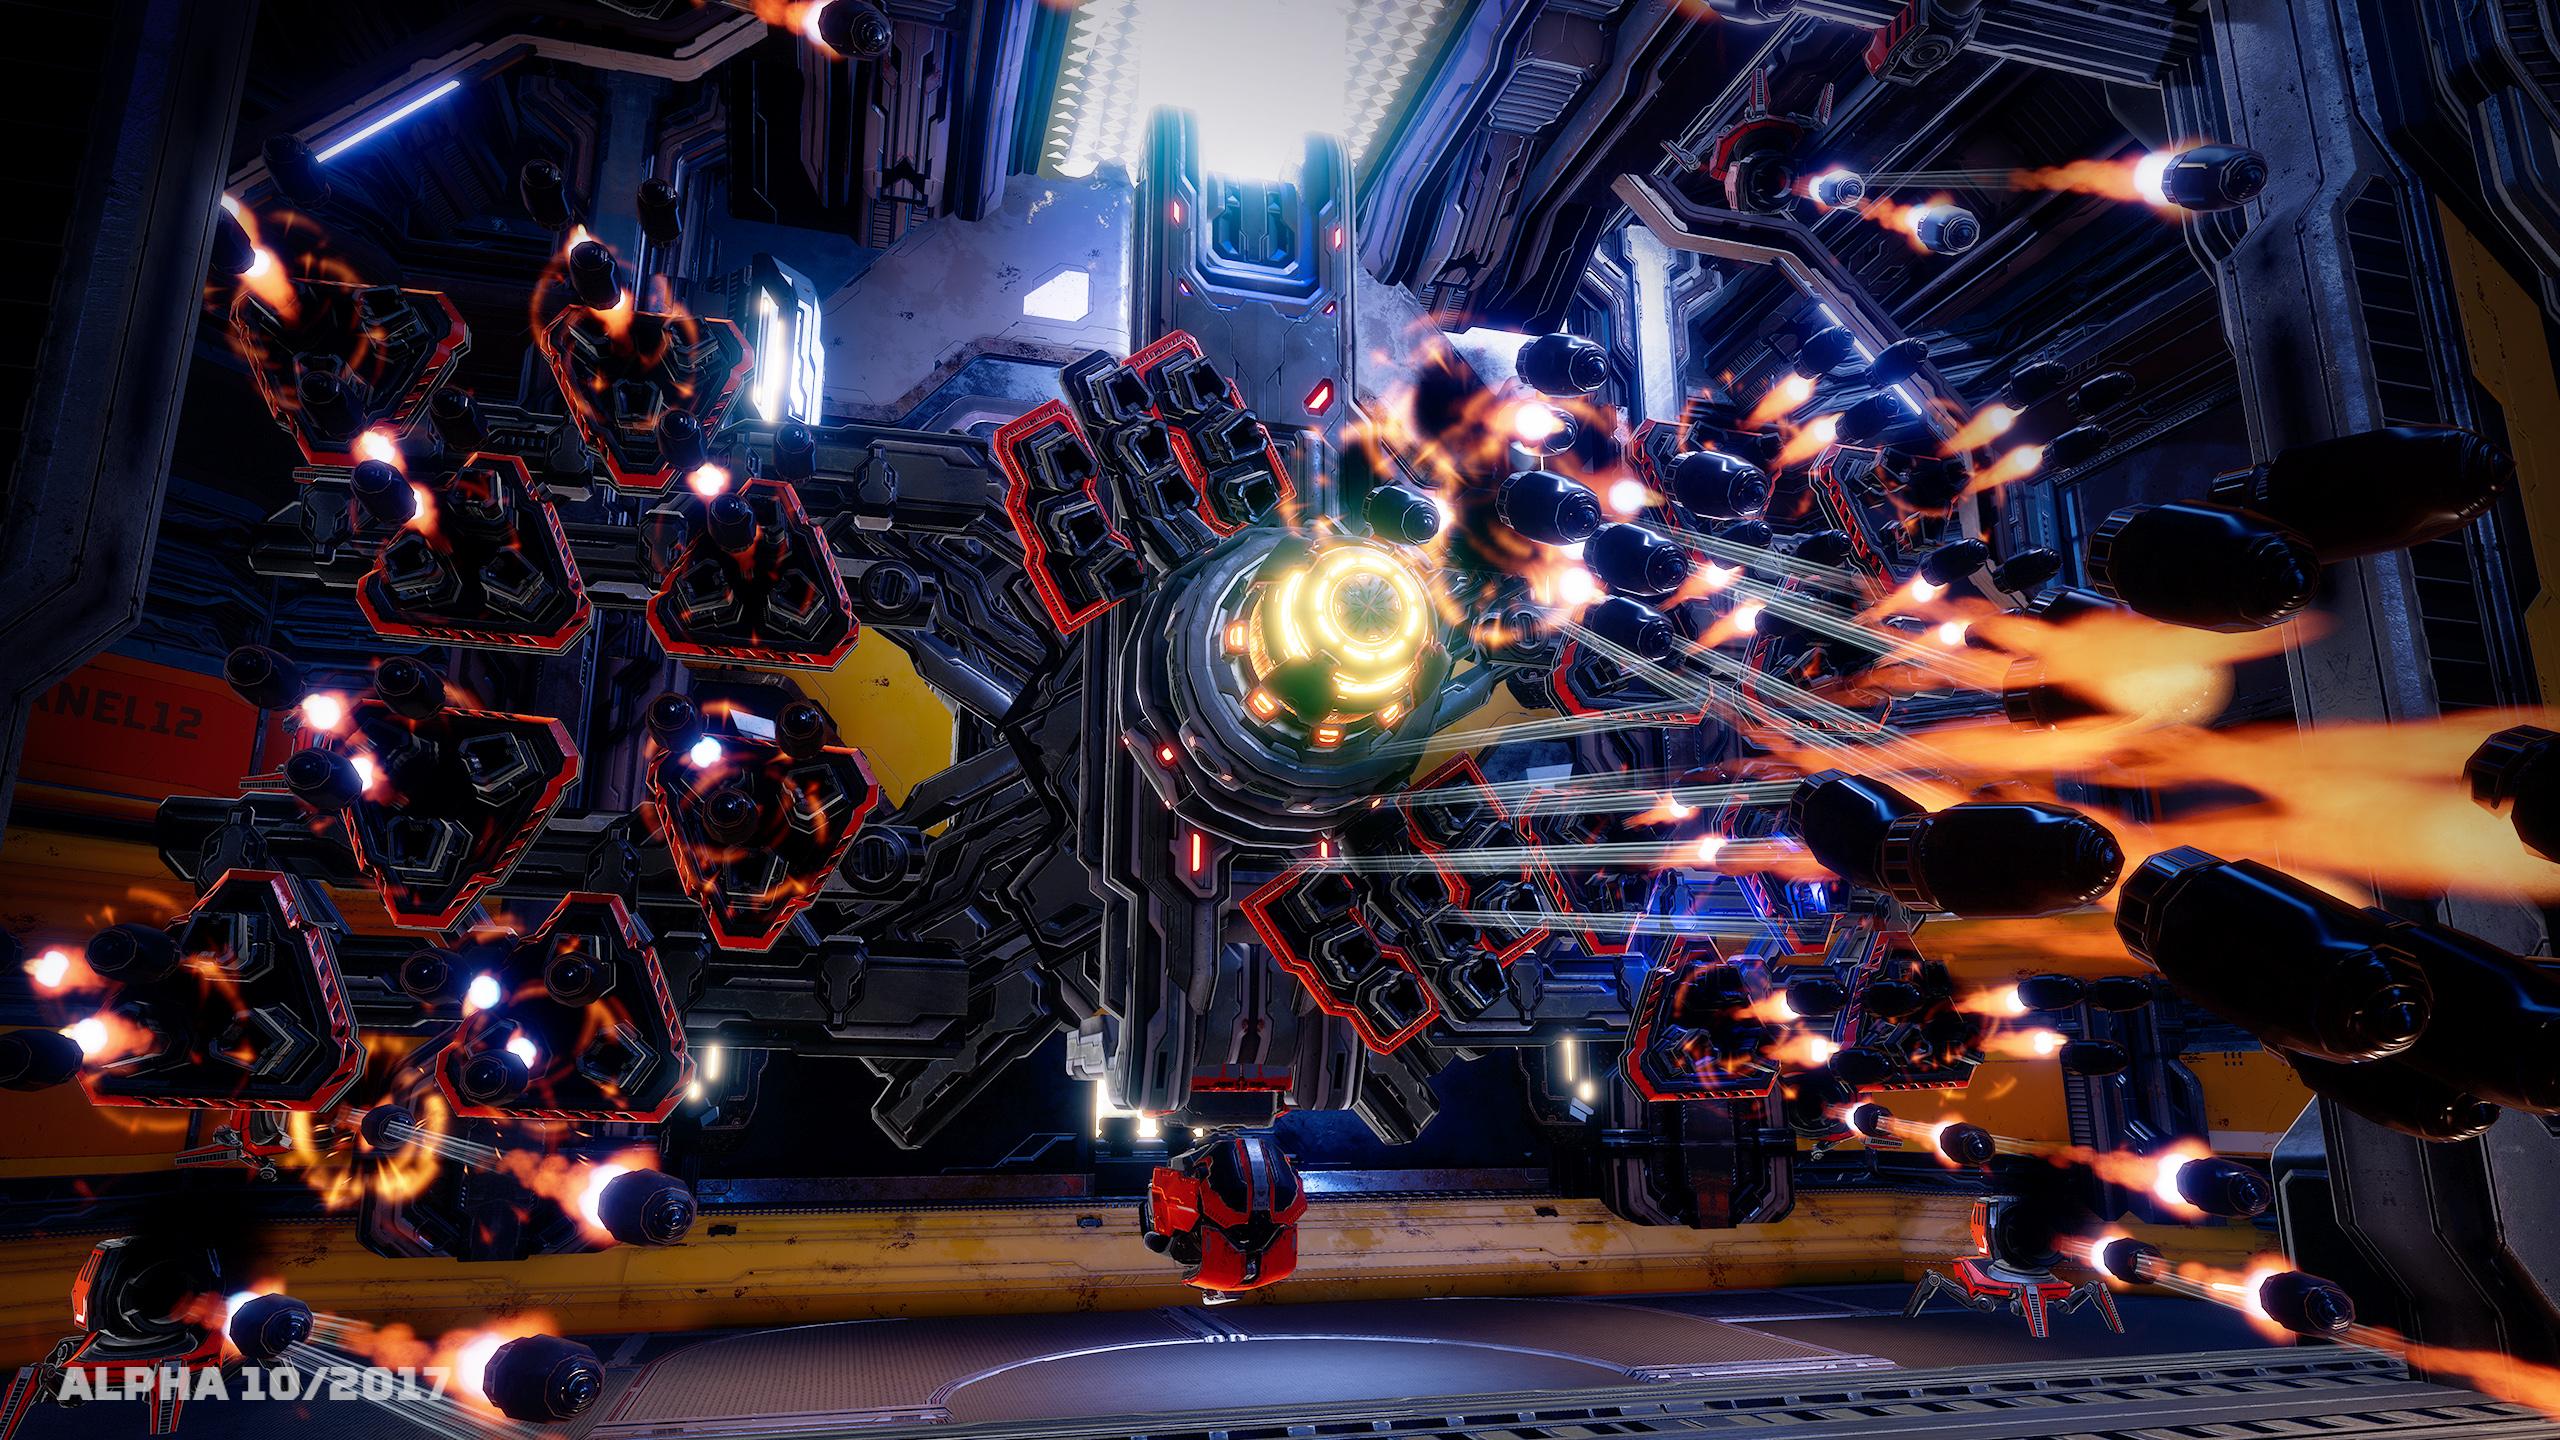 Mothergunship_Alpha_Screenshot_0.1.jpg